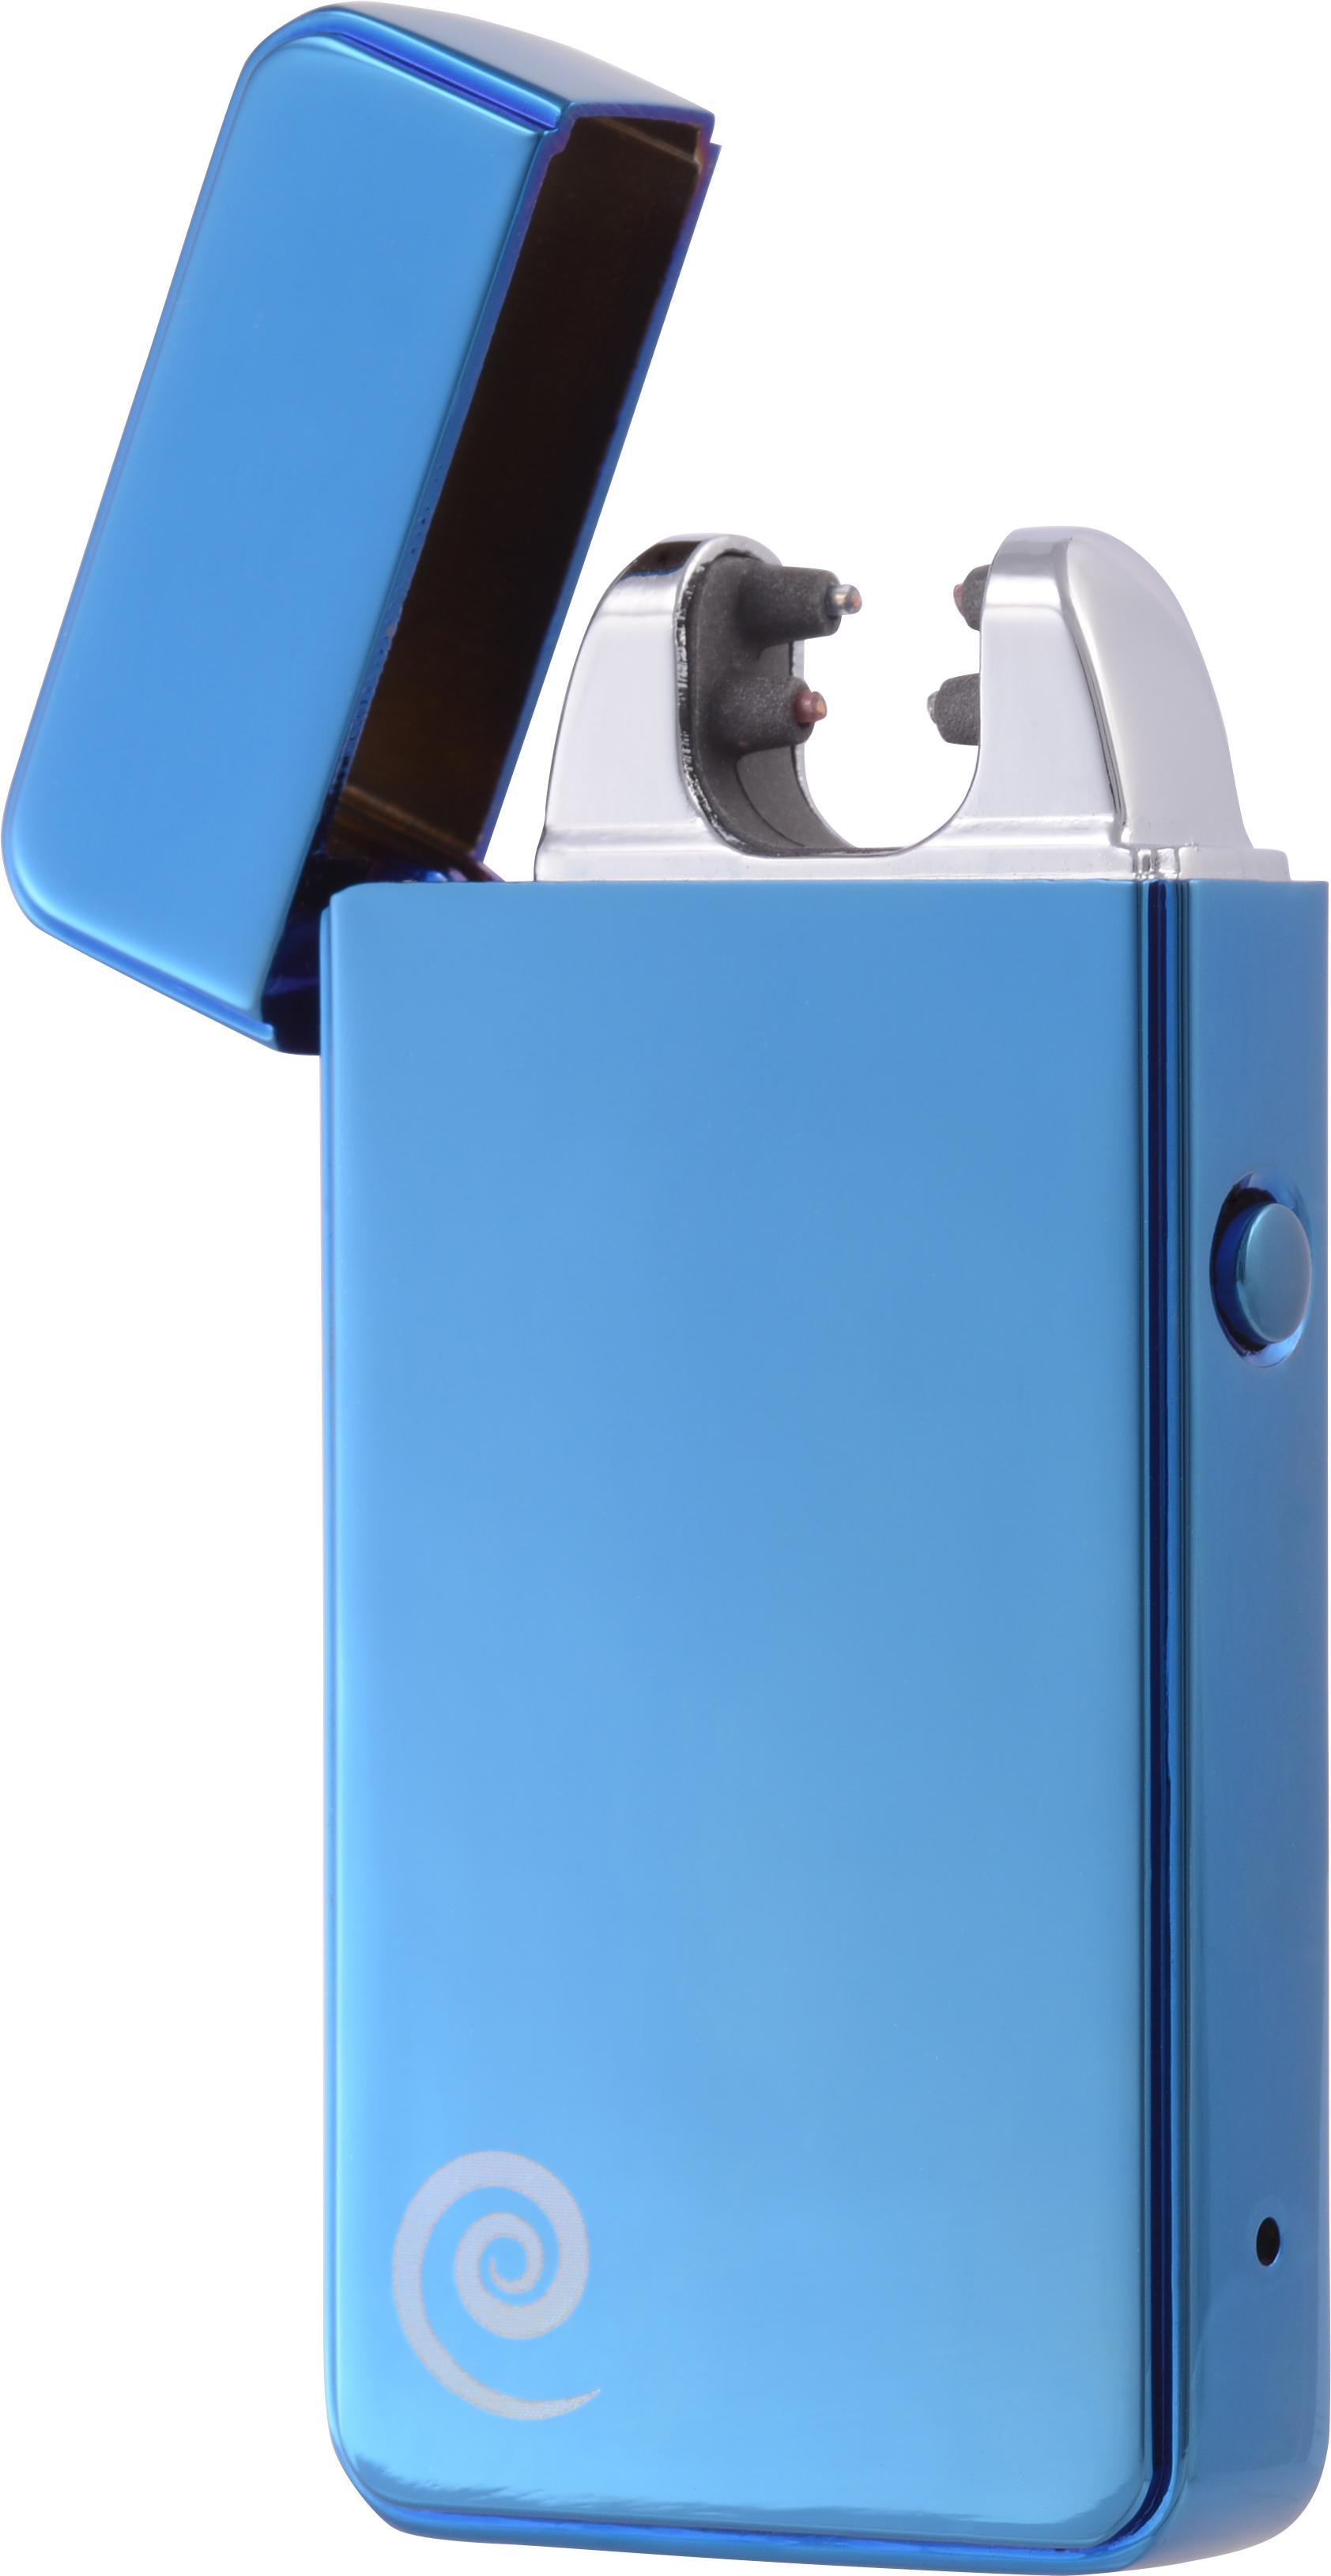 bluelighter.jpg